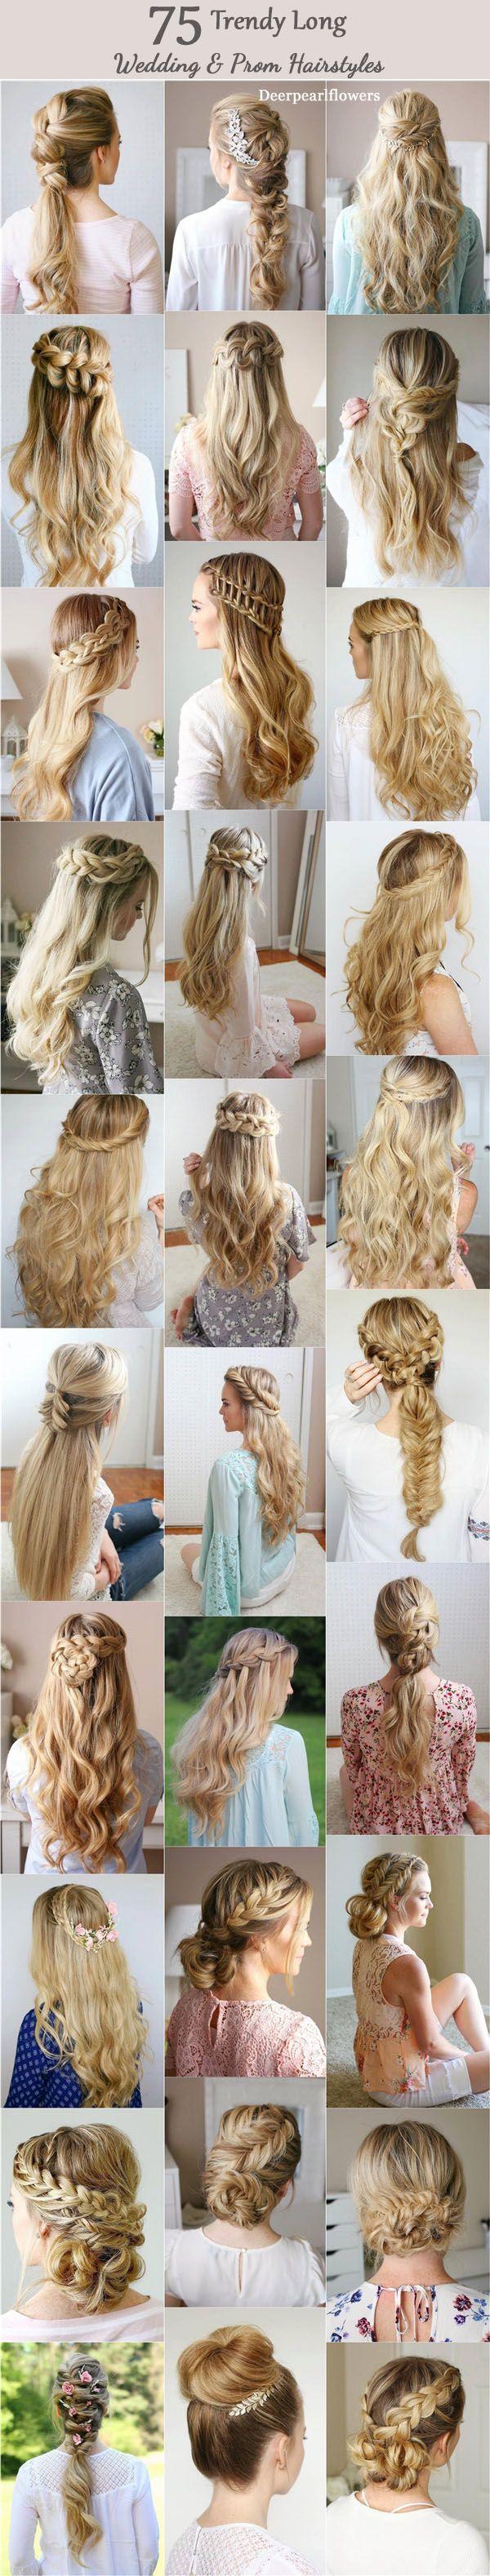 Tantas excelentes ideias de penteados para experimentar <3